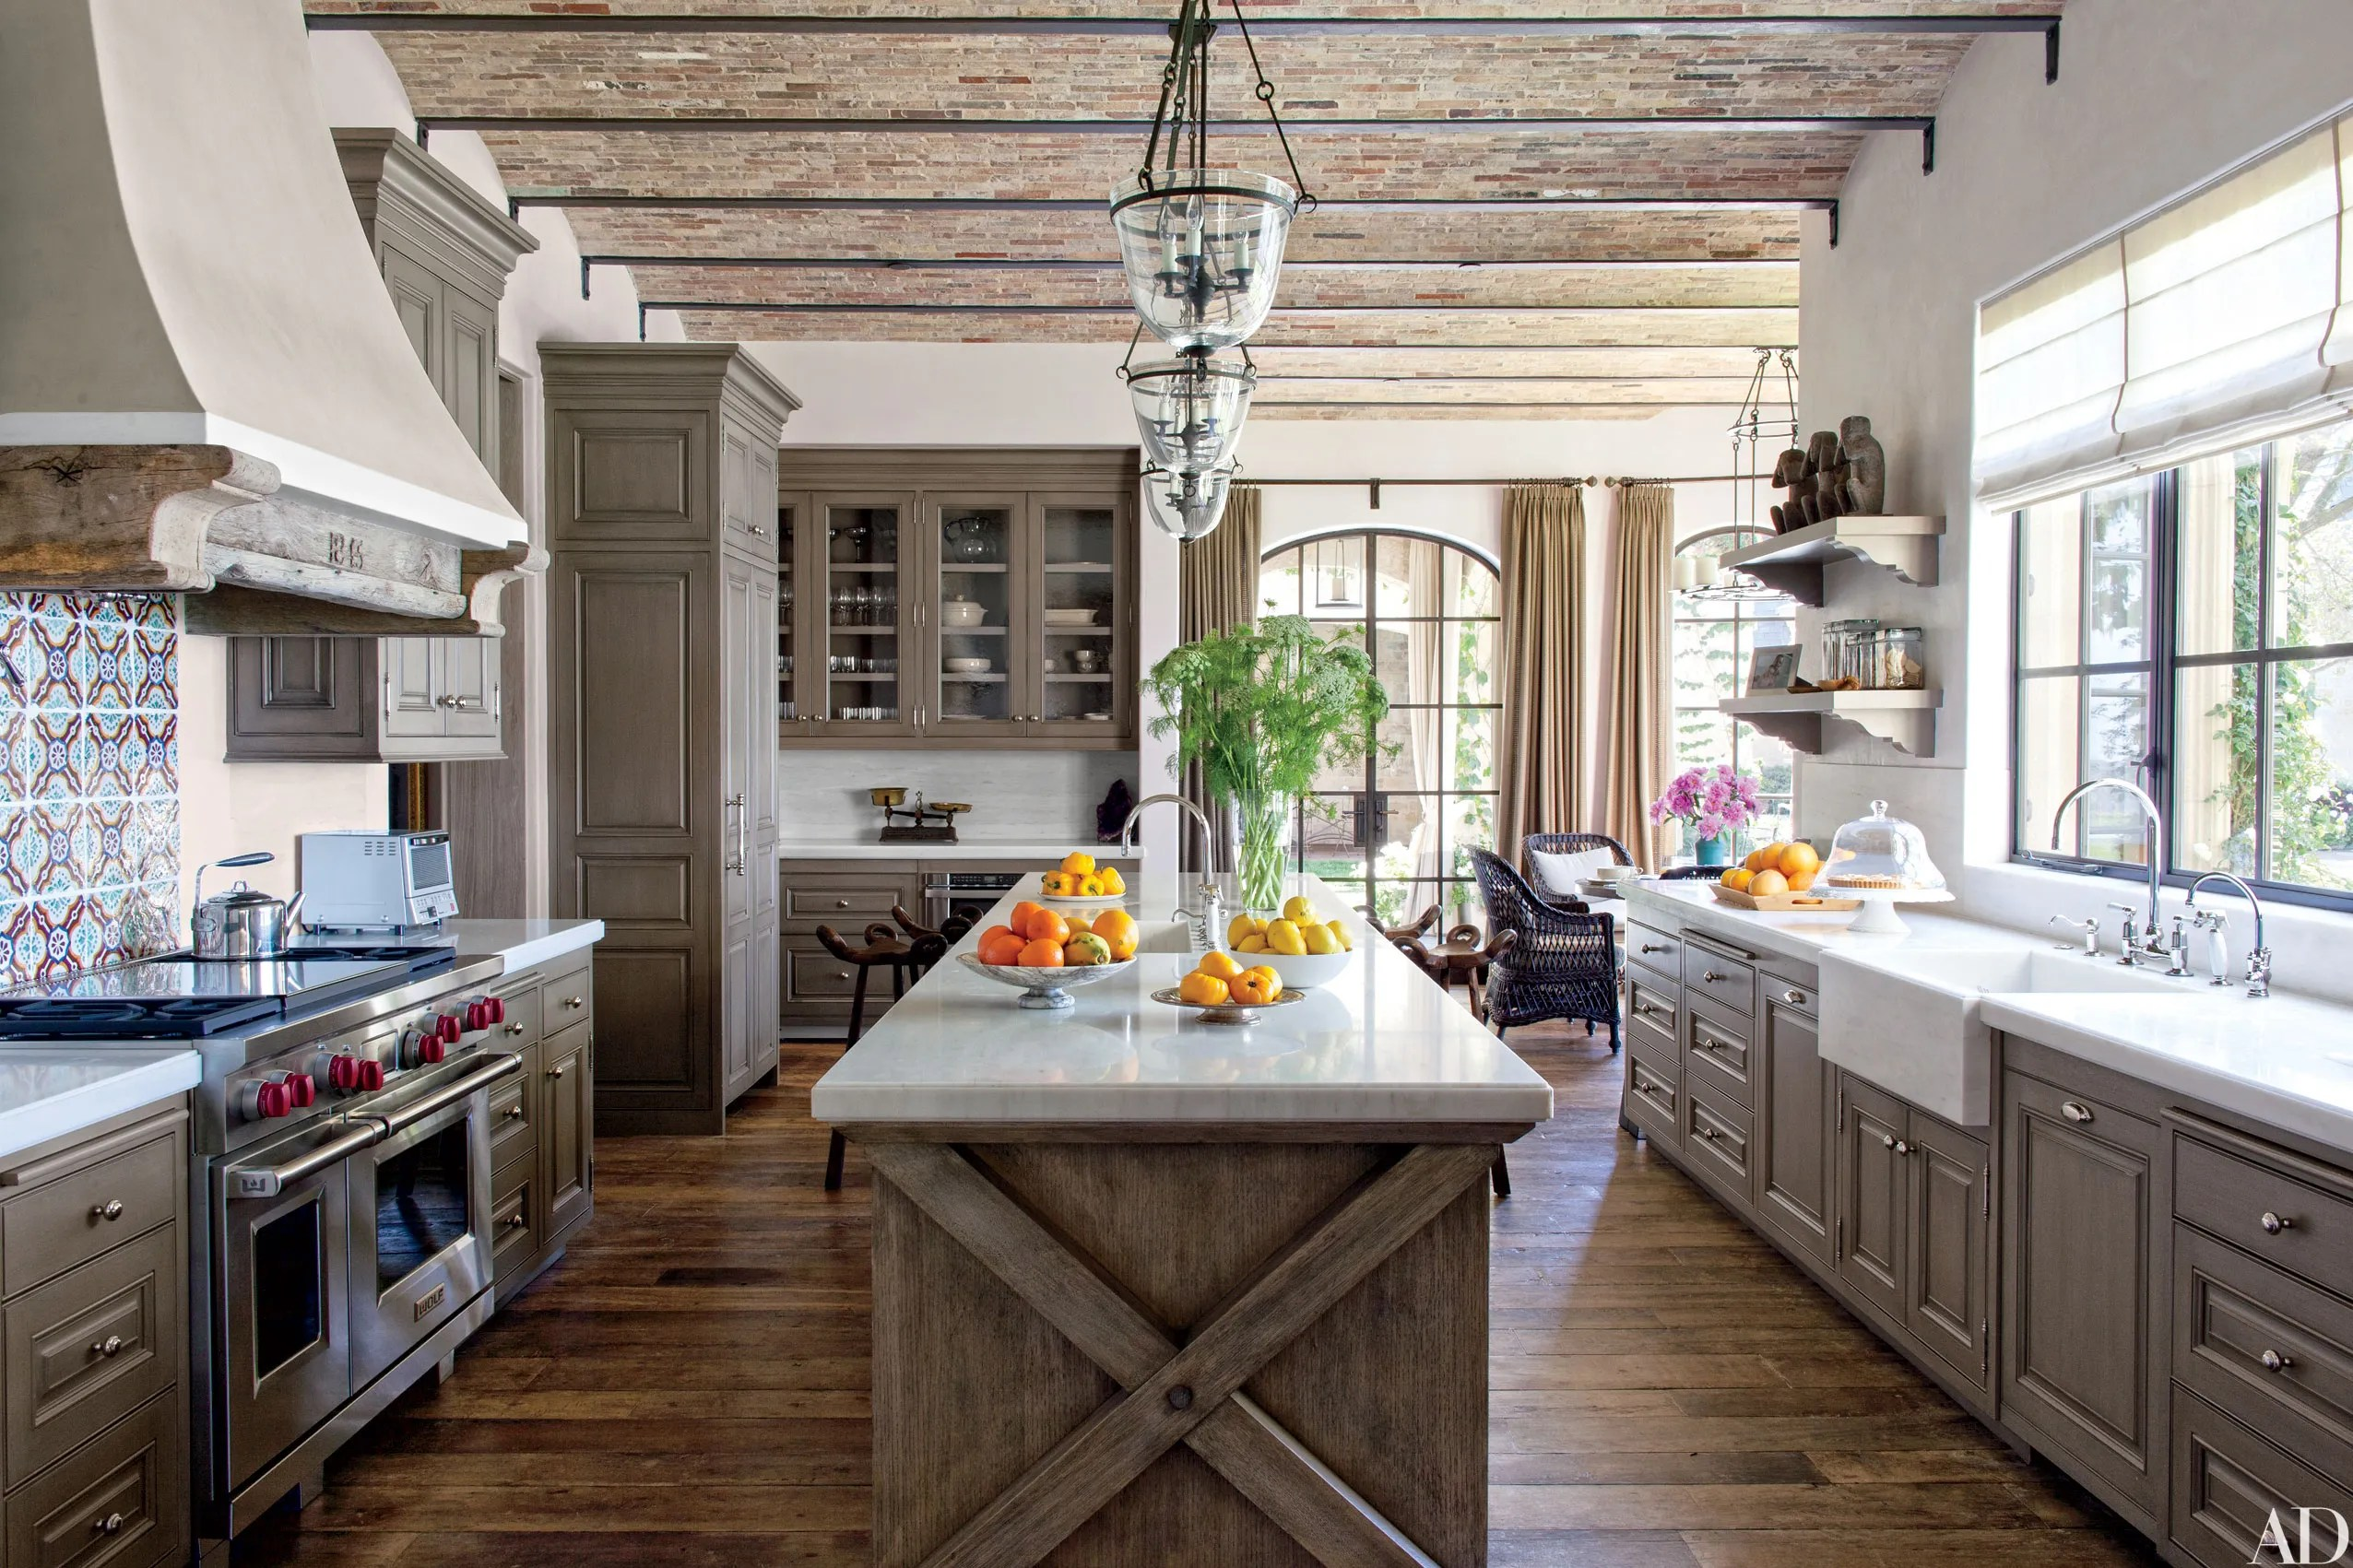 64 Stunning Kitchen Island Ideas Architectural Digest